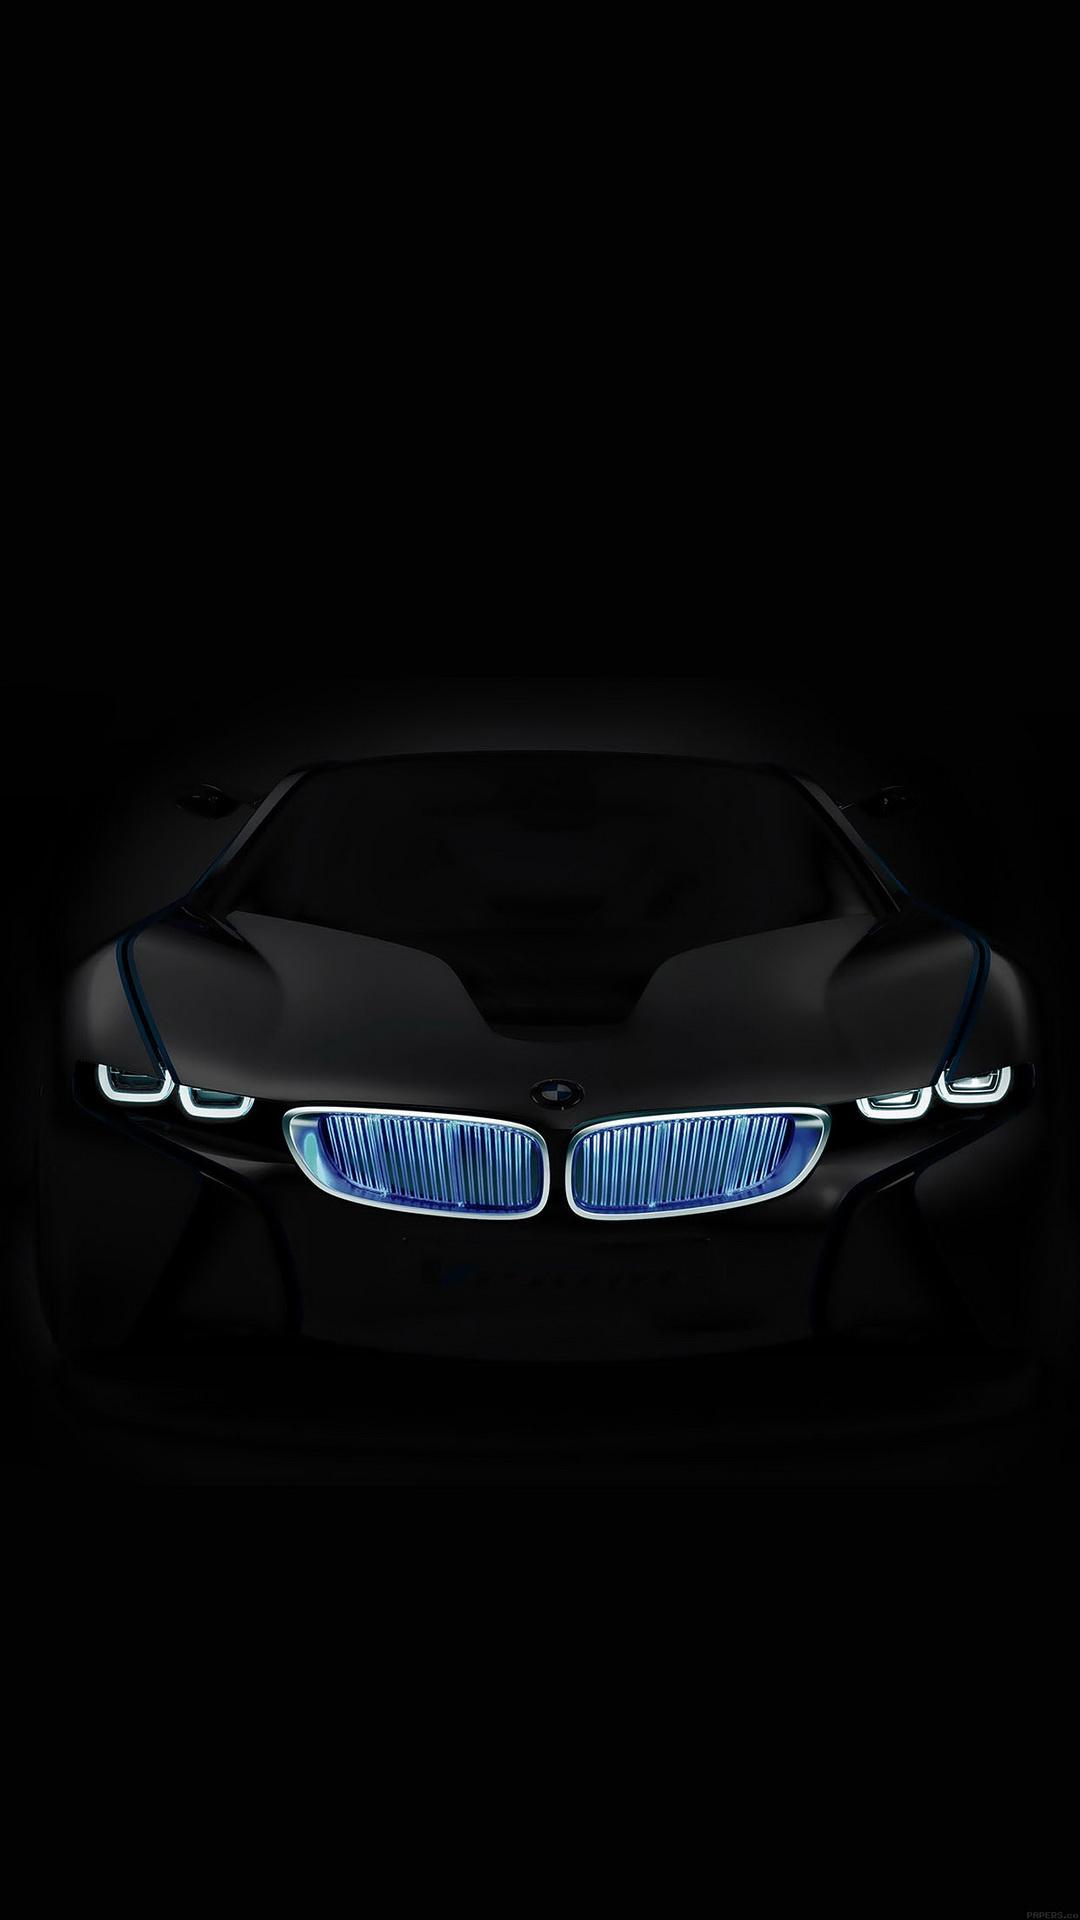 BMW In The Dark